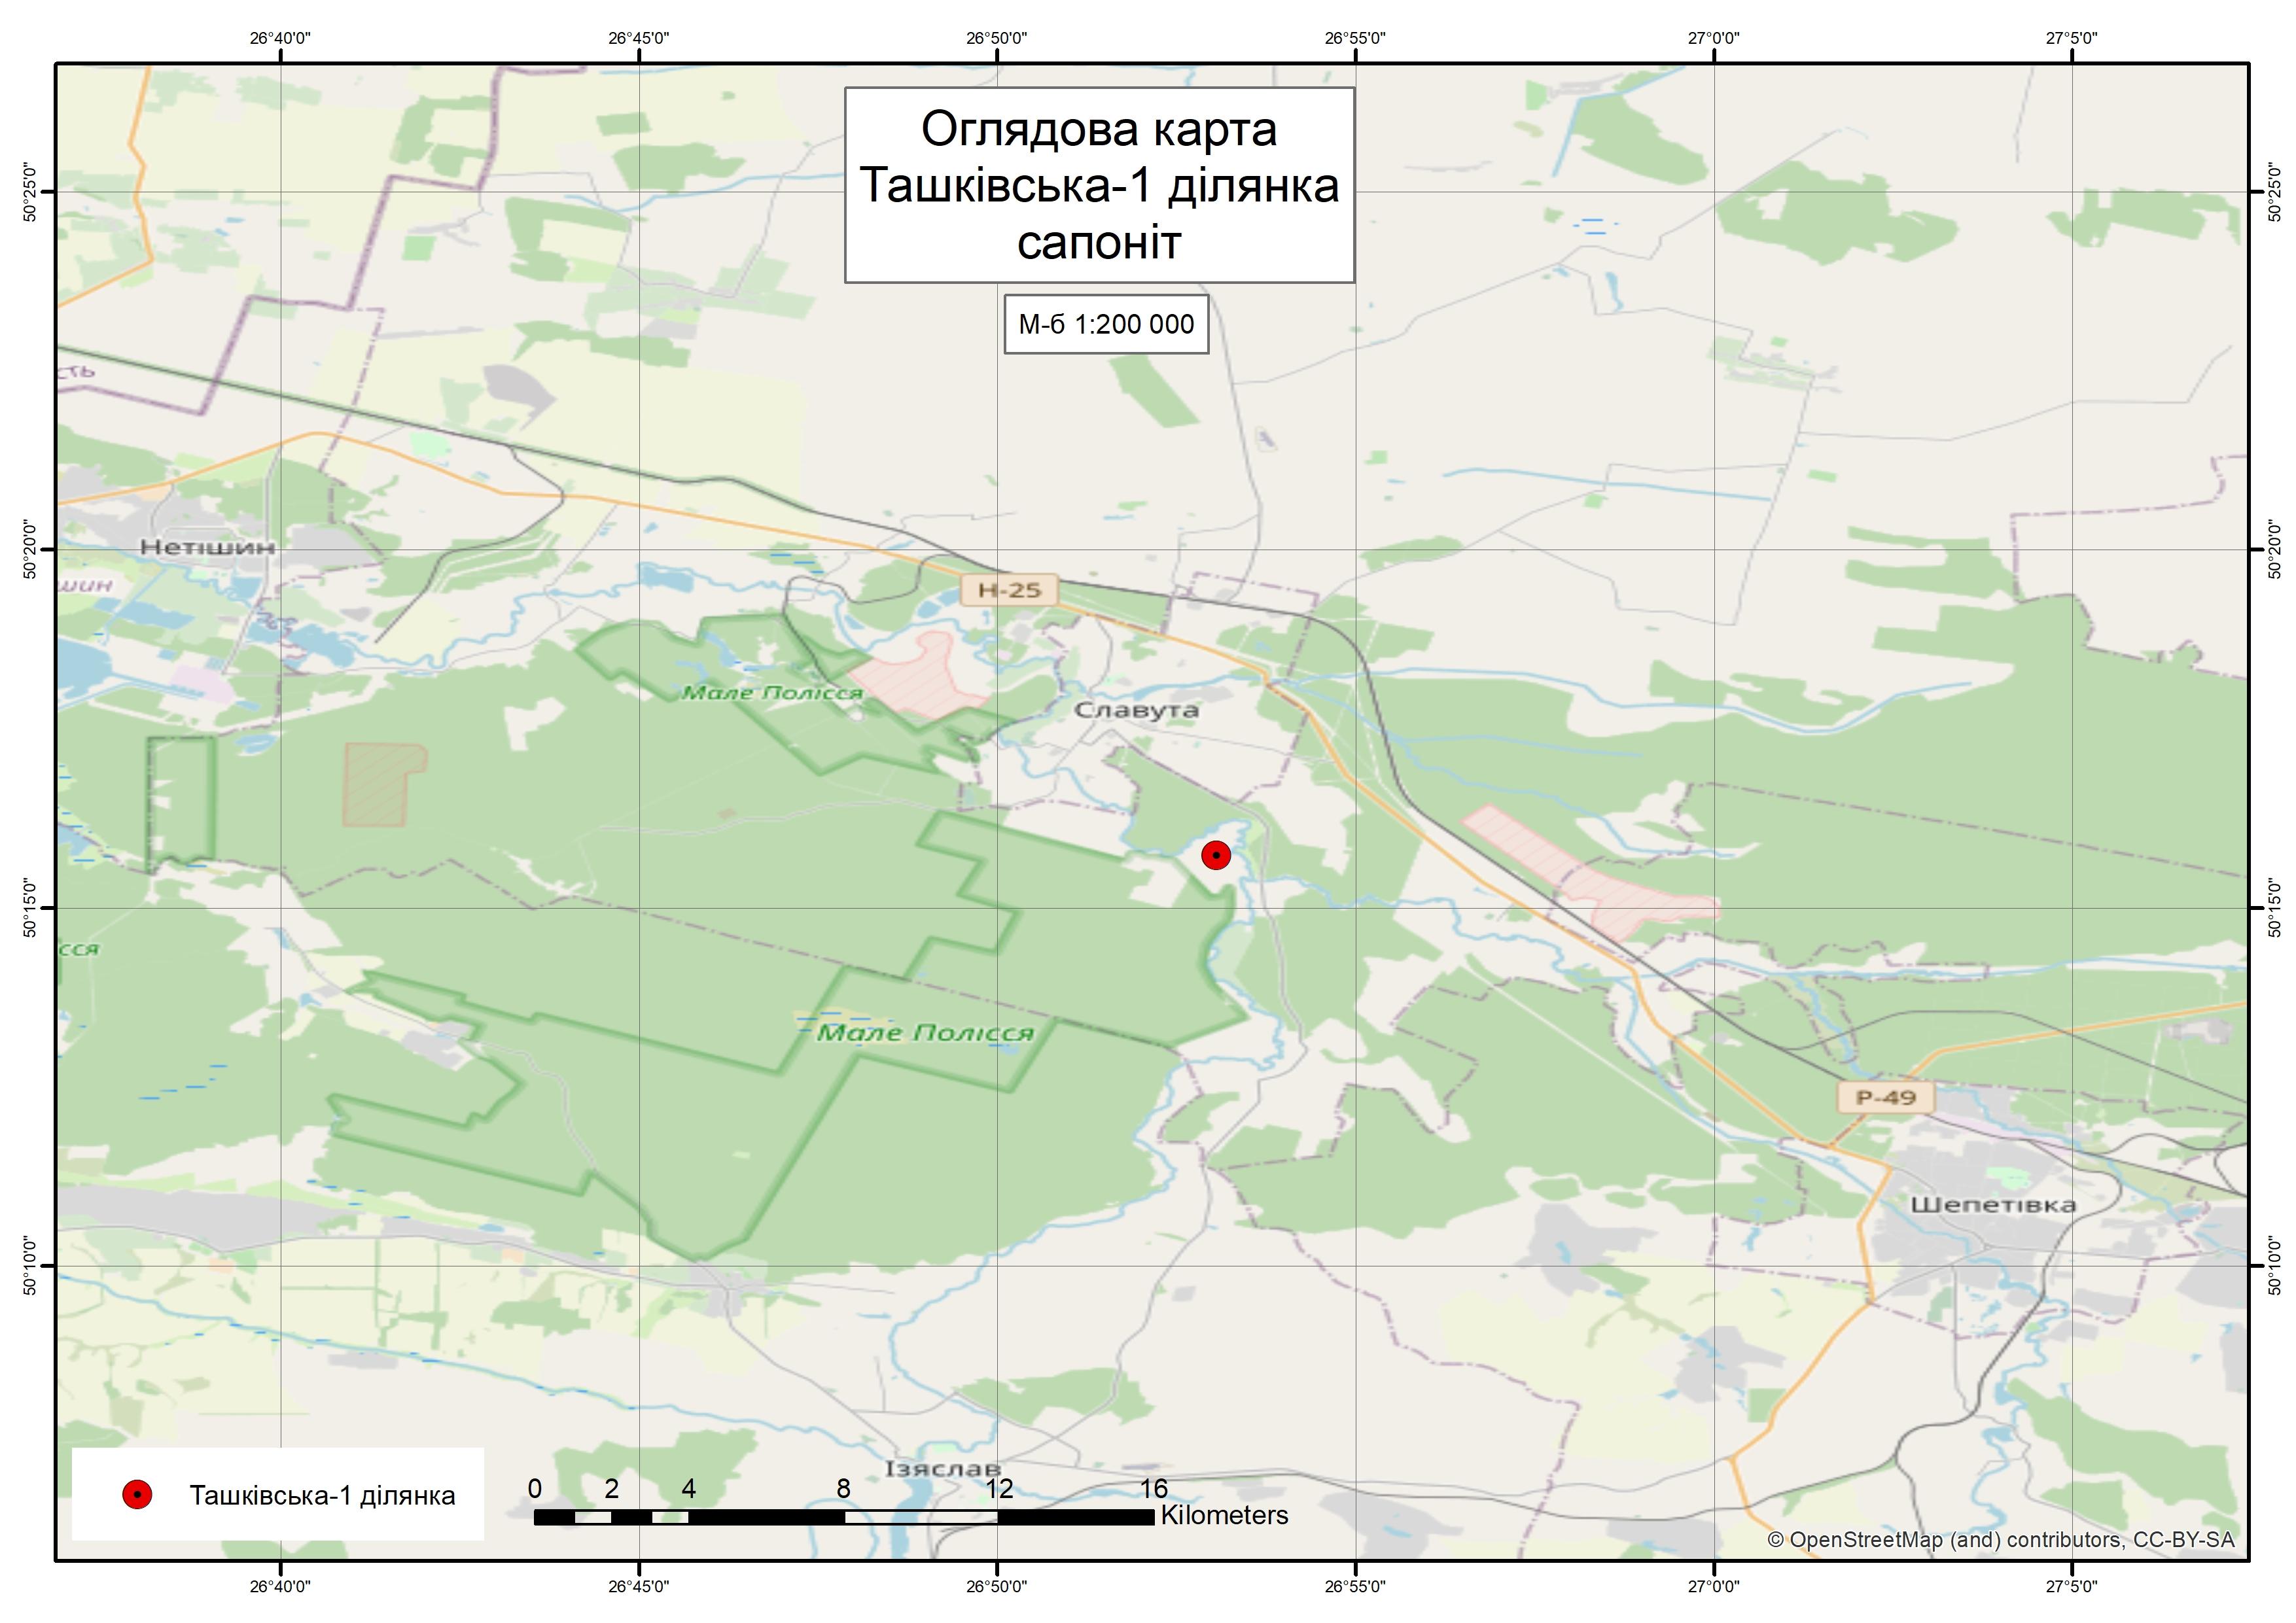 Спеціальний дозвіл на користування надрами – Ташківська-1 ділянка. Вартість геологічної інформації – 26 346,72 грн (з ПДВ). Вартість пакету аукціонної документації –  14 788,02 грн (з ПДВ).